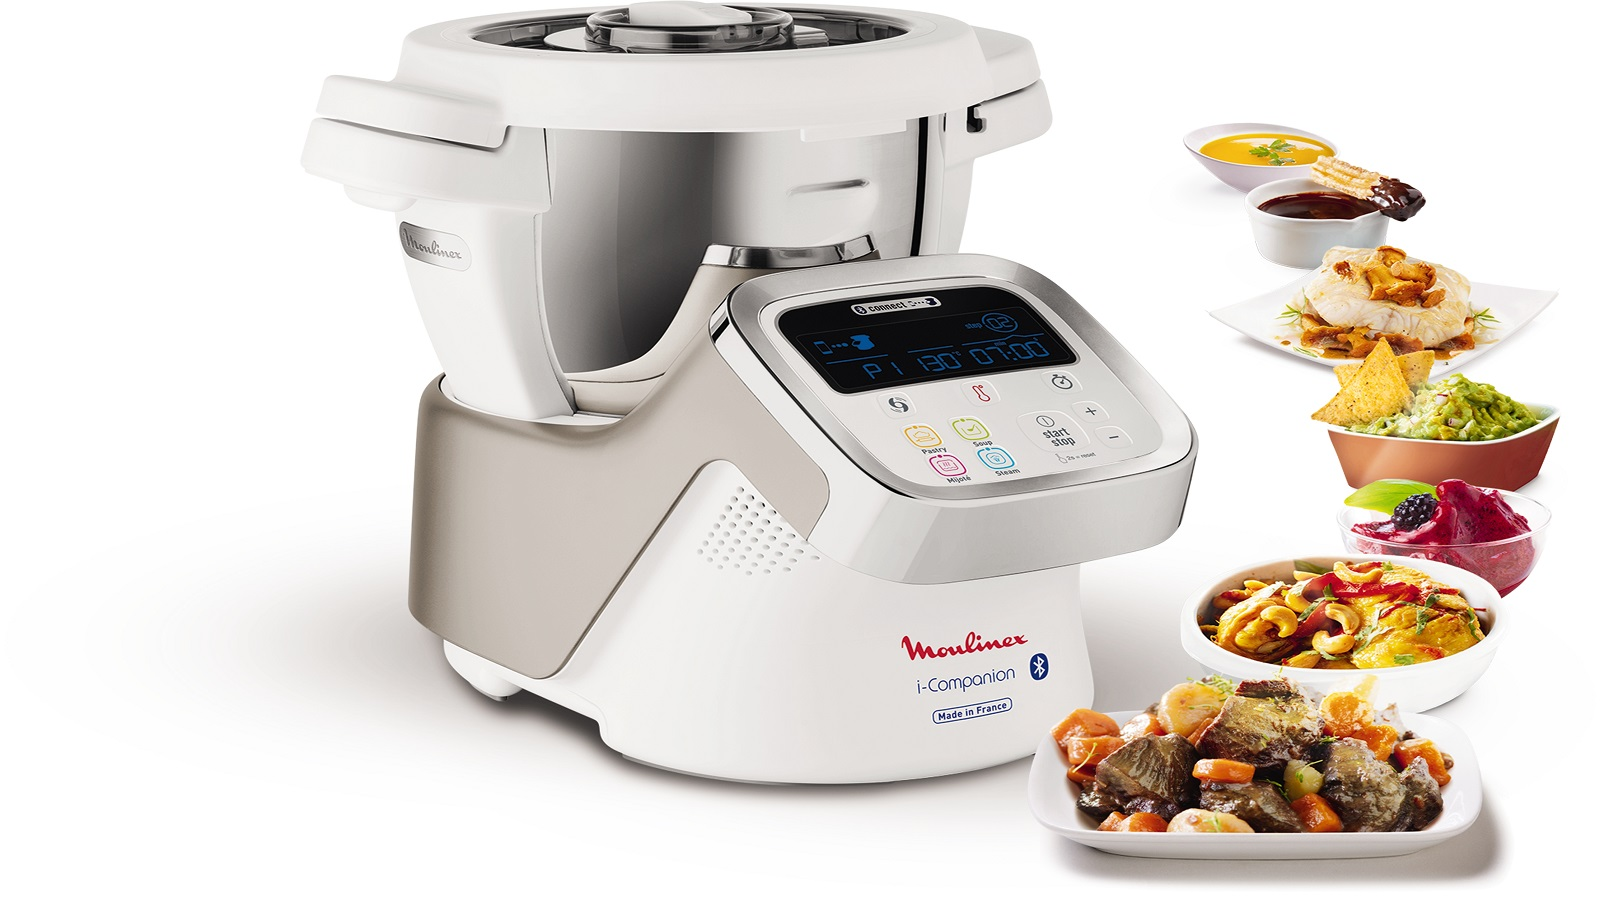 Robot da cucina moulinex nuovo modello a confronto col for Miglior robot da cucina multifunzione